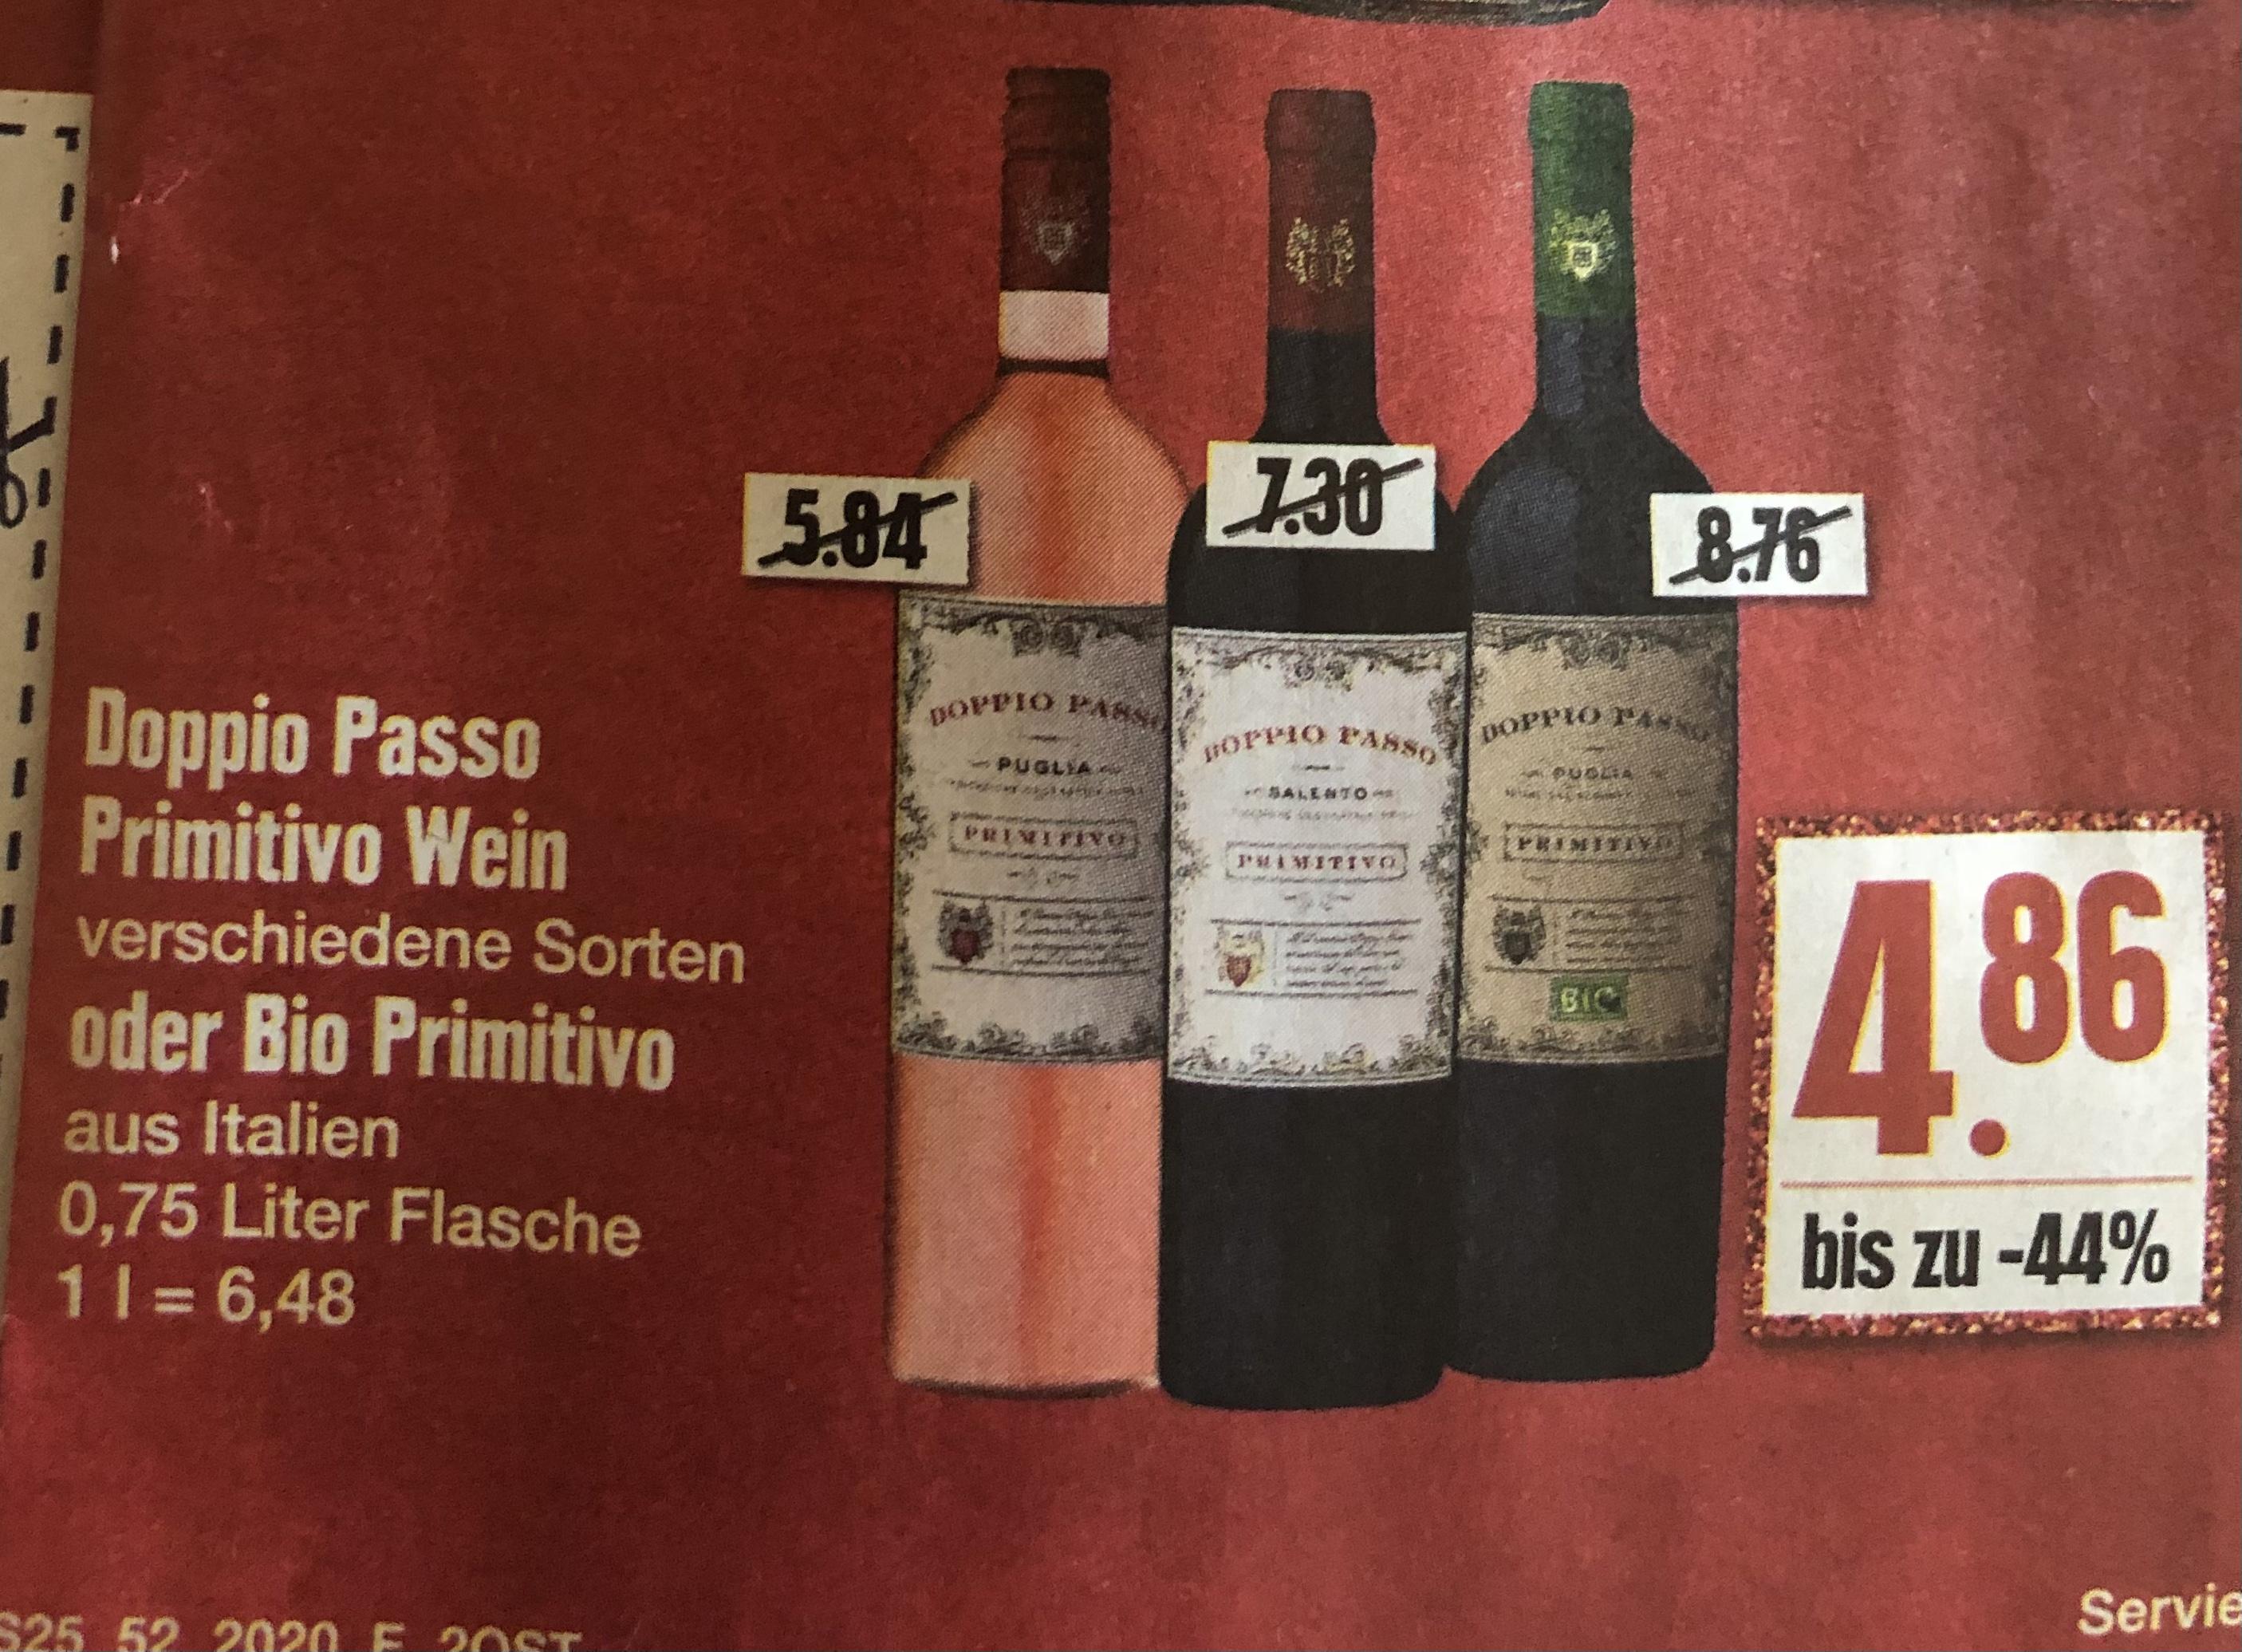 (offline @edeka & @marktkauf) Doppio Passo Primitivo Rotwein / Roso / Bio Primitivo 21.-24.12.